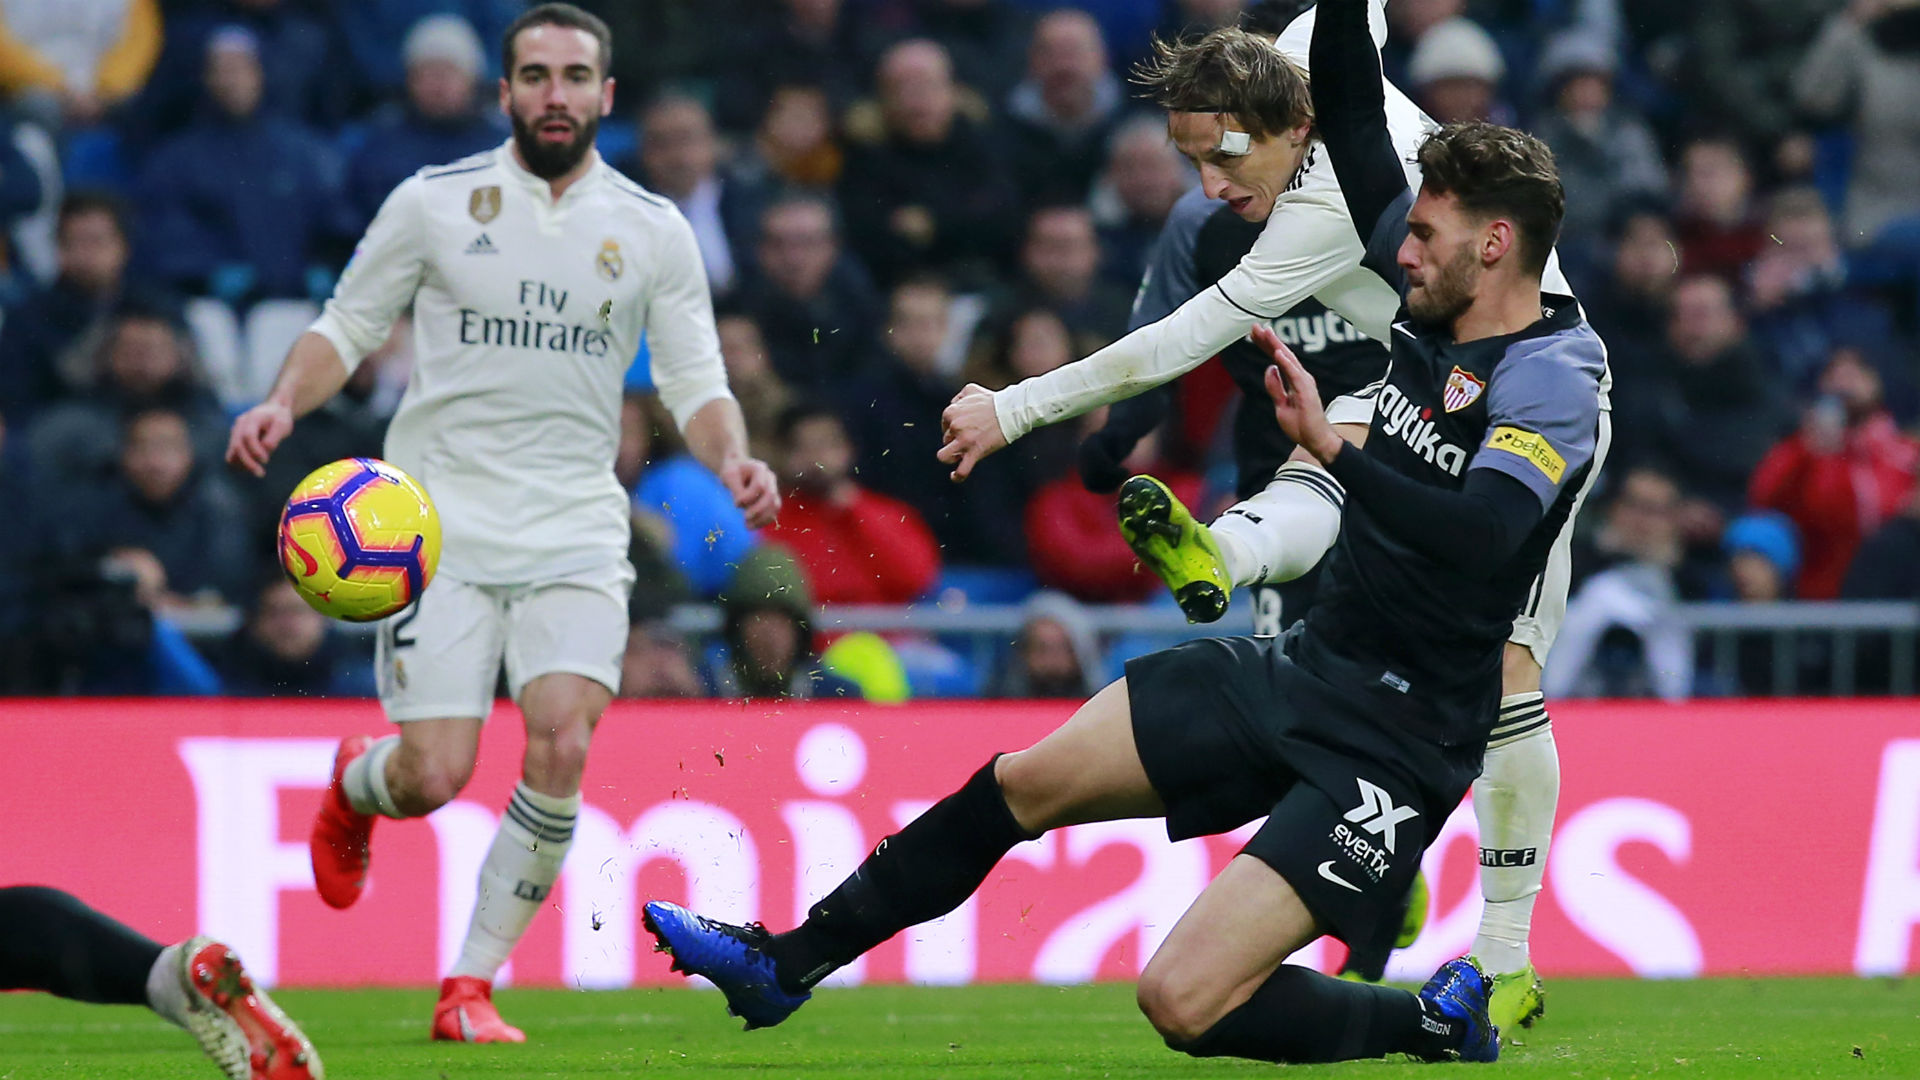 Real Madrid V Sevilla Match Report 19 01 2019 Primera Division